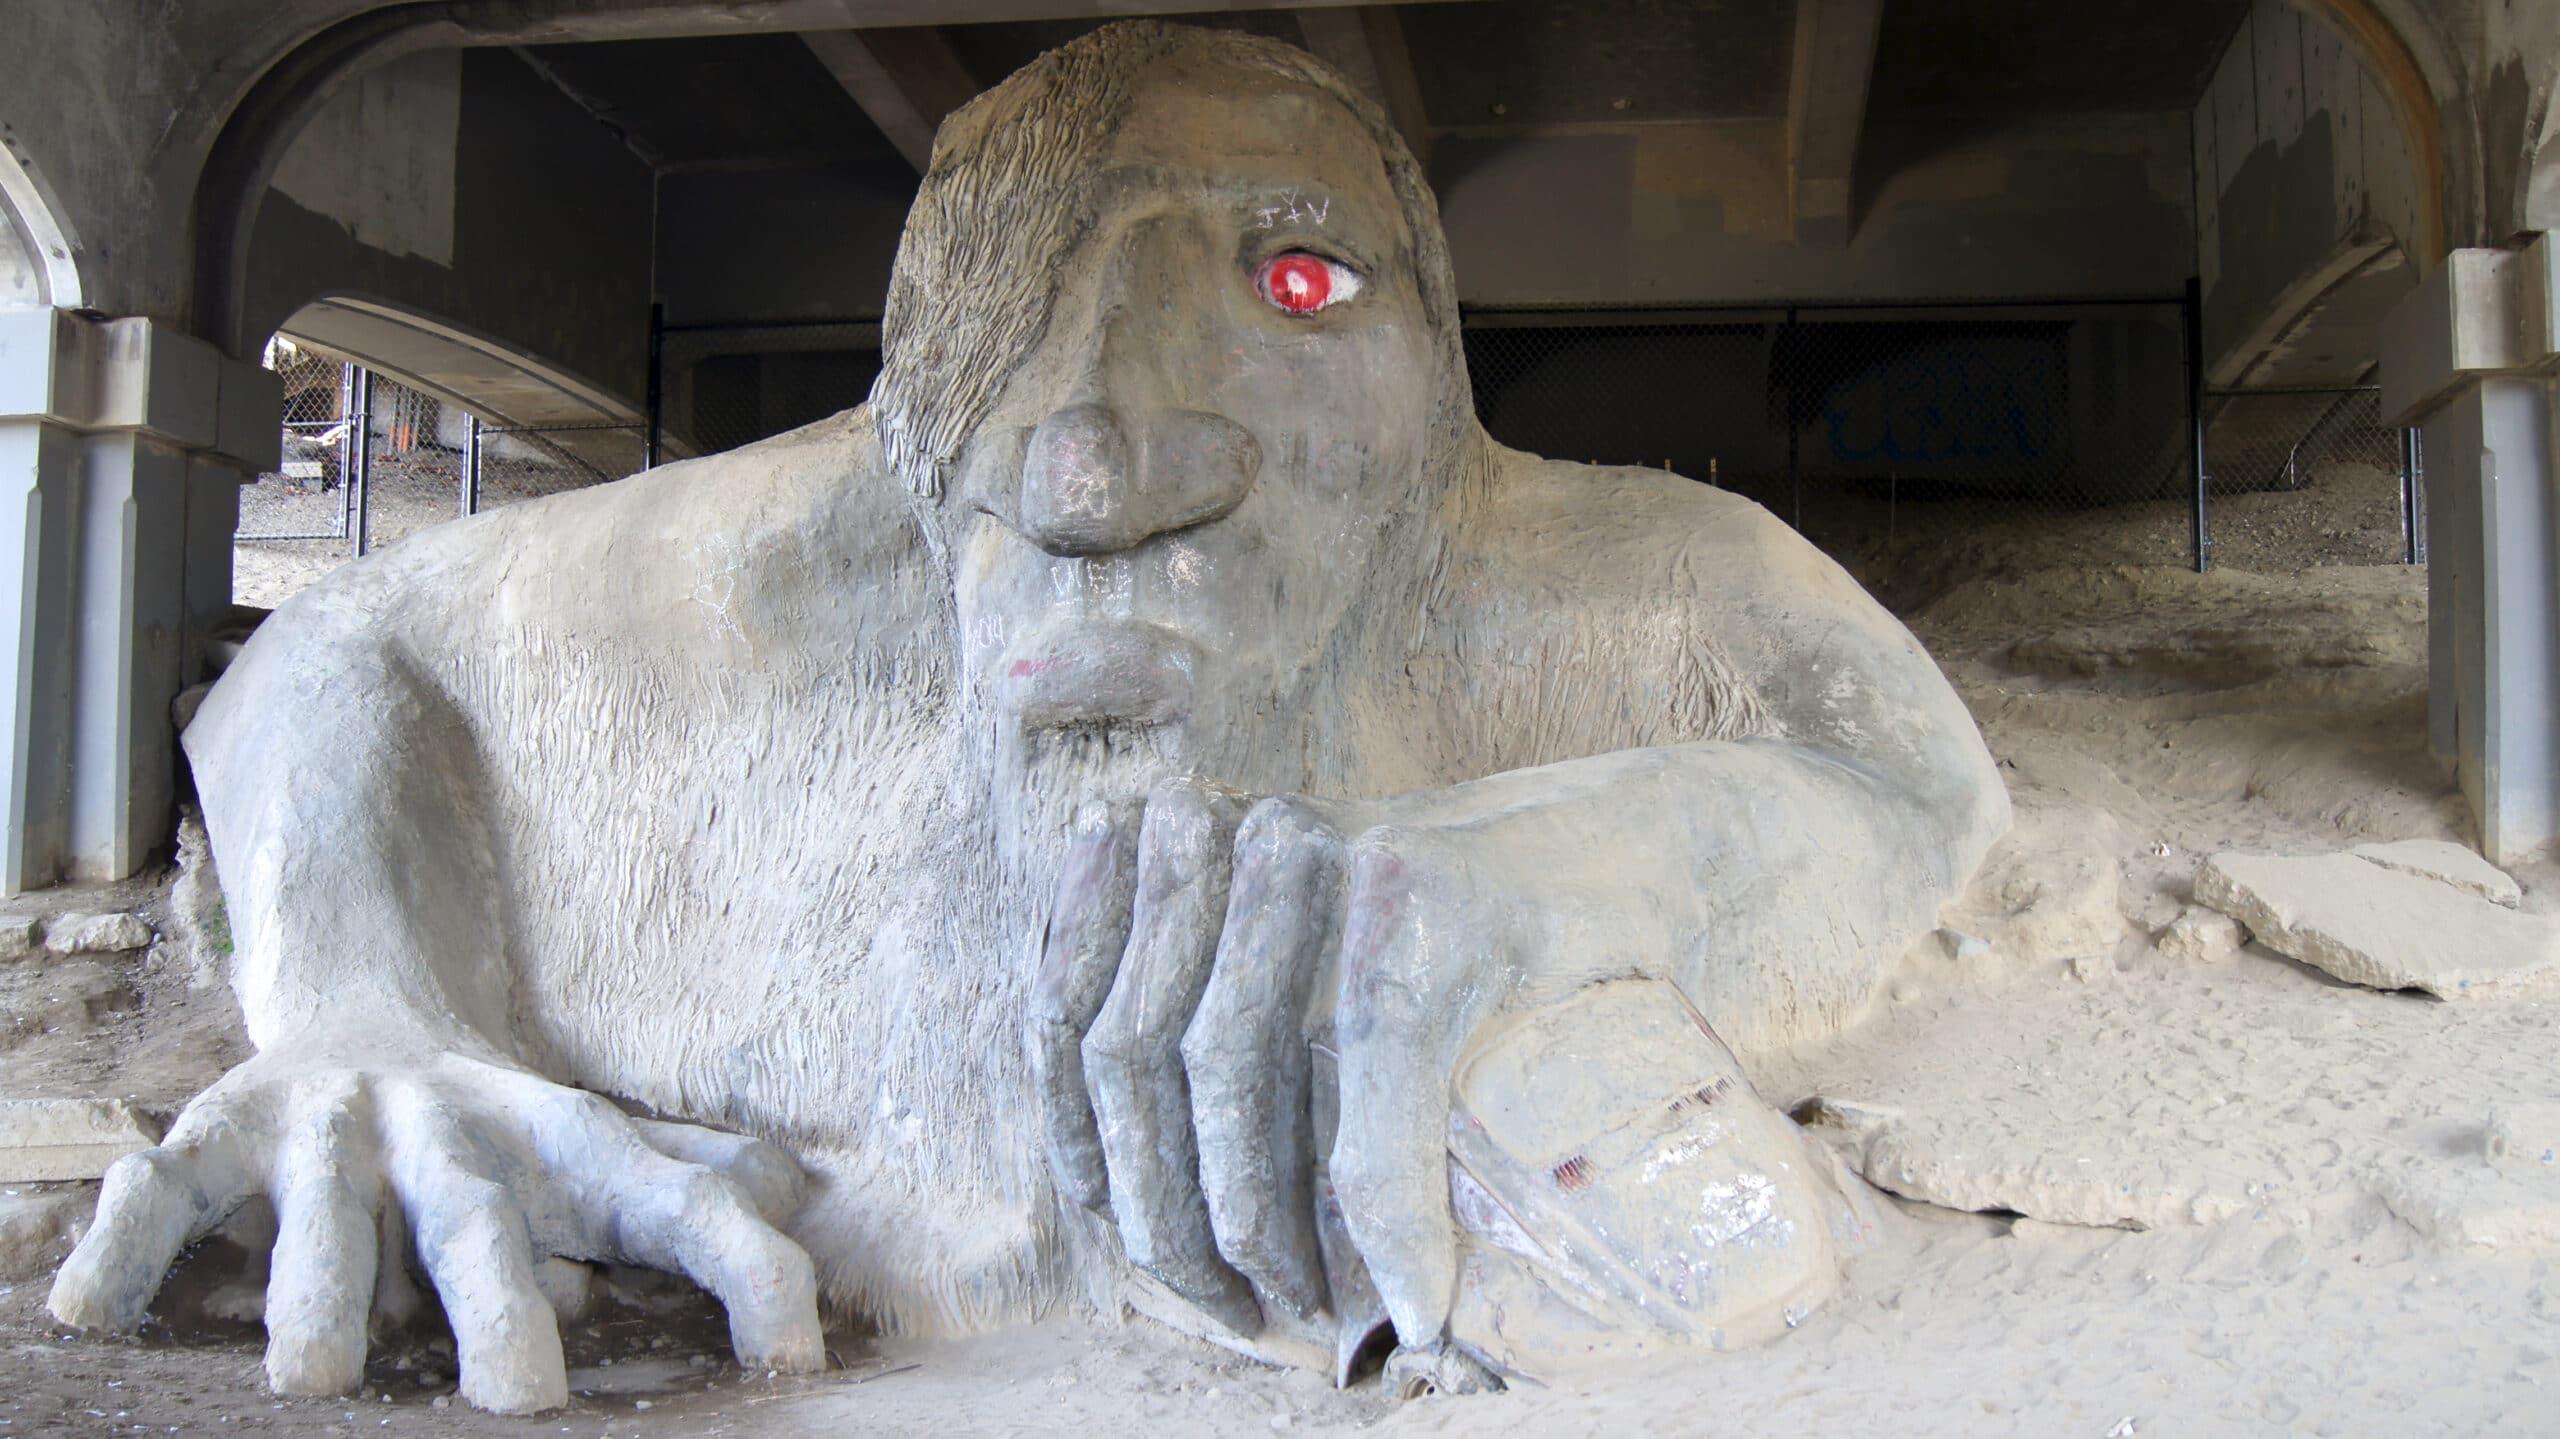 SEATTLE, WASHINGTON STATE, USA - OCTOBER 10, 2014: The famous Fremont Troll under the Aurora Bridge, Washington.